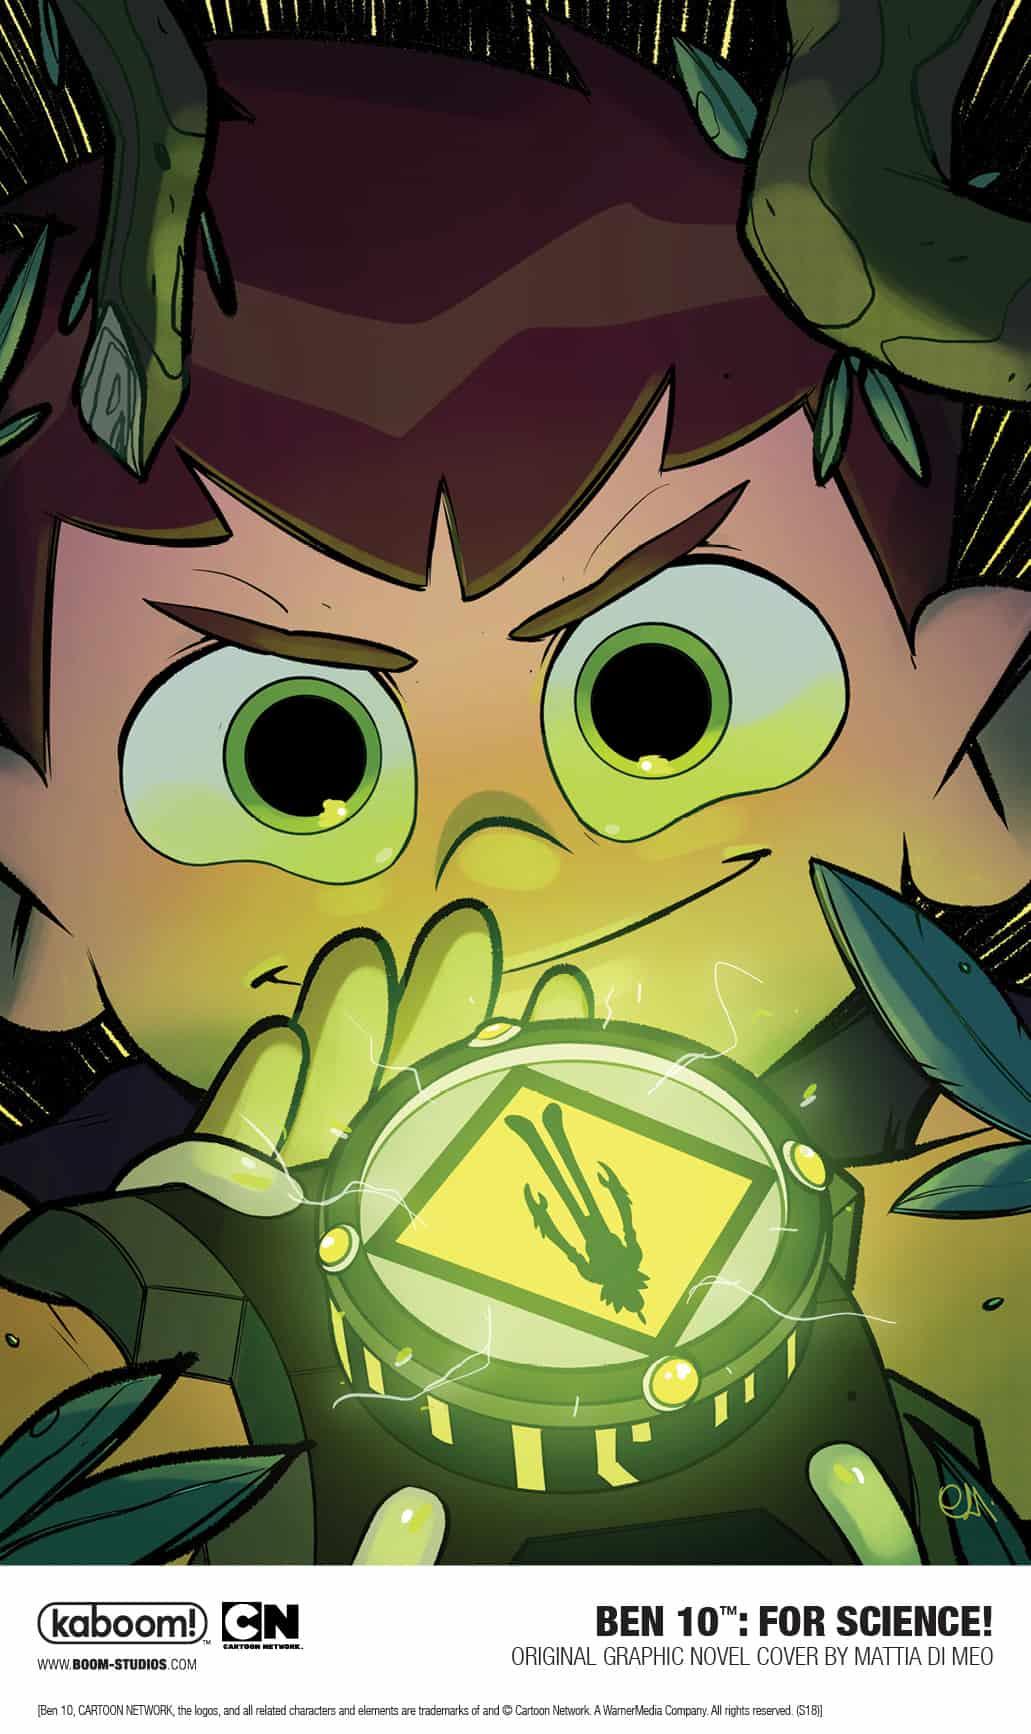 BEN 10™: FOR SCIENCE! Original Graphic Novel New Look